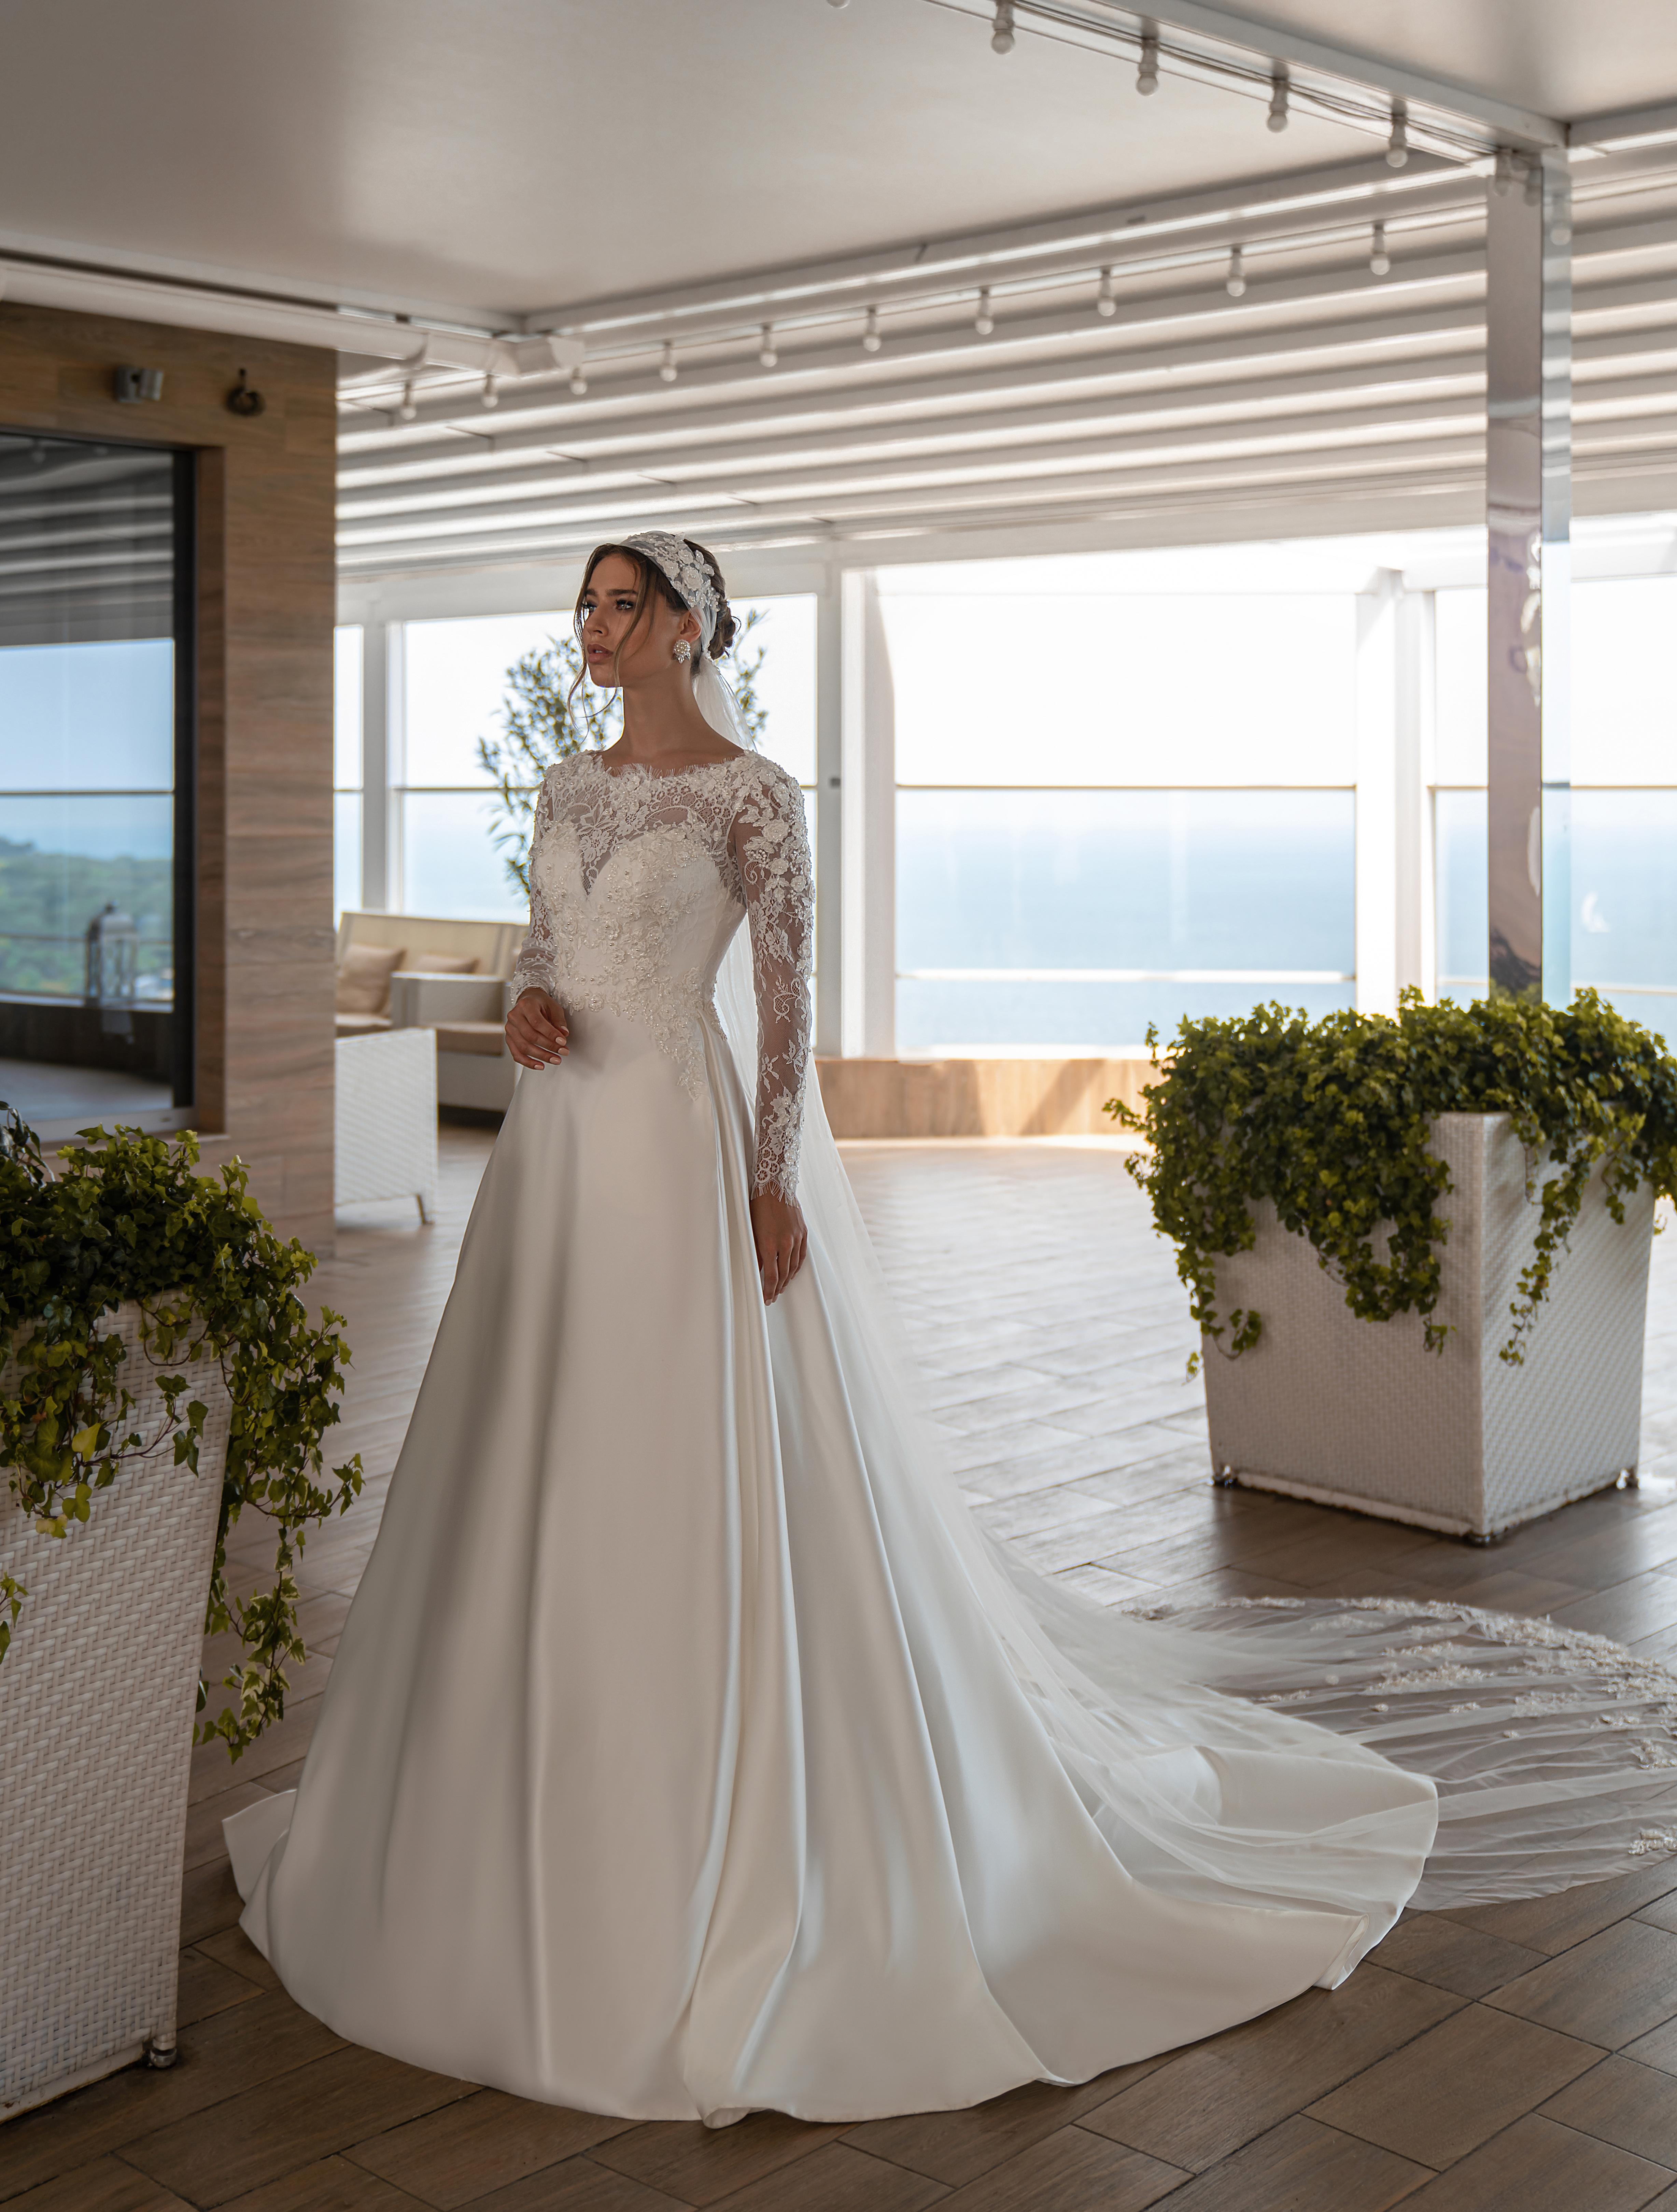 Весільна сукня з довгими рукавами оптом від Supernova-1